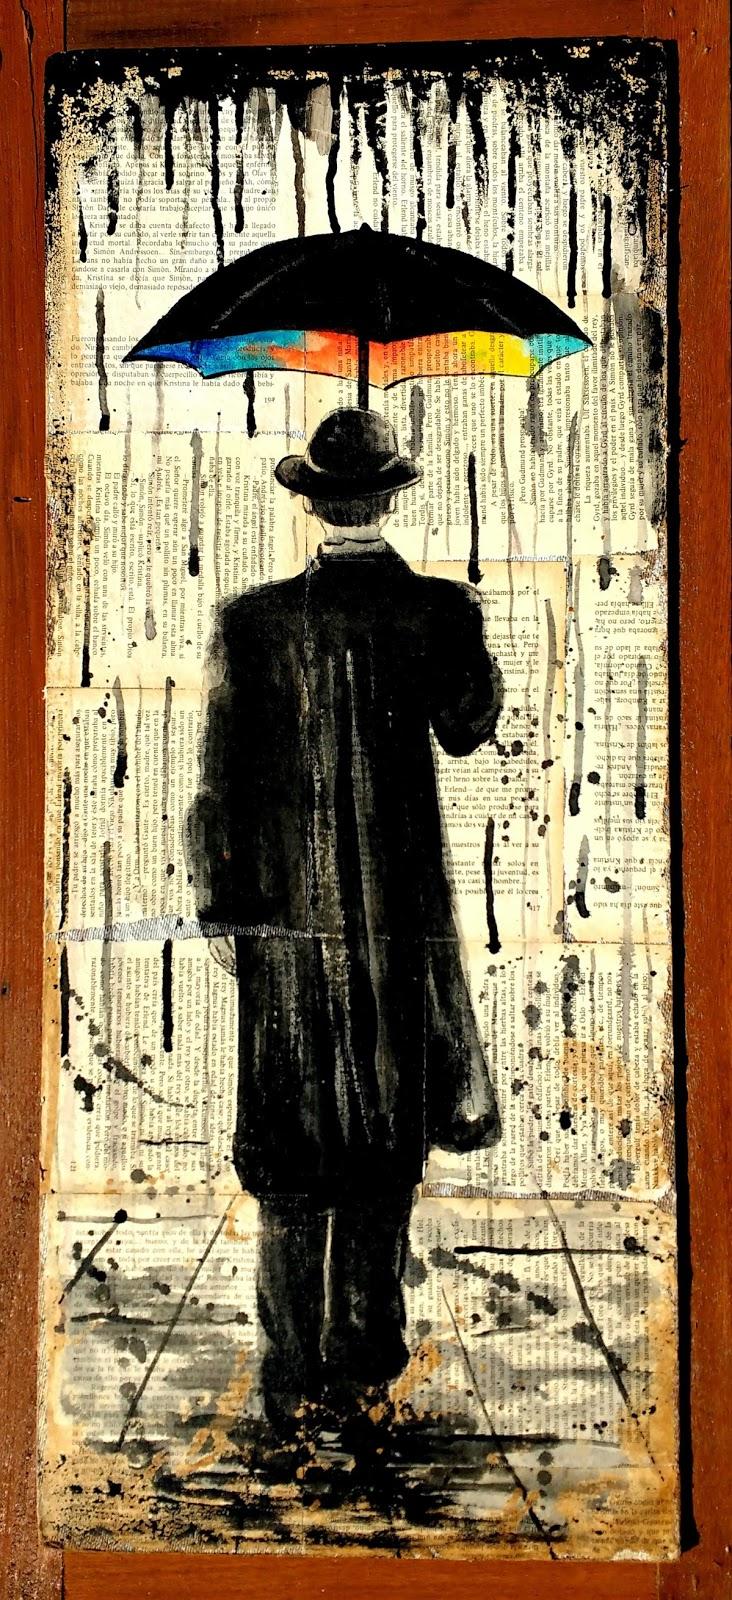 quadro retratando homem andando na  chuva com guarda chuva